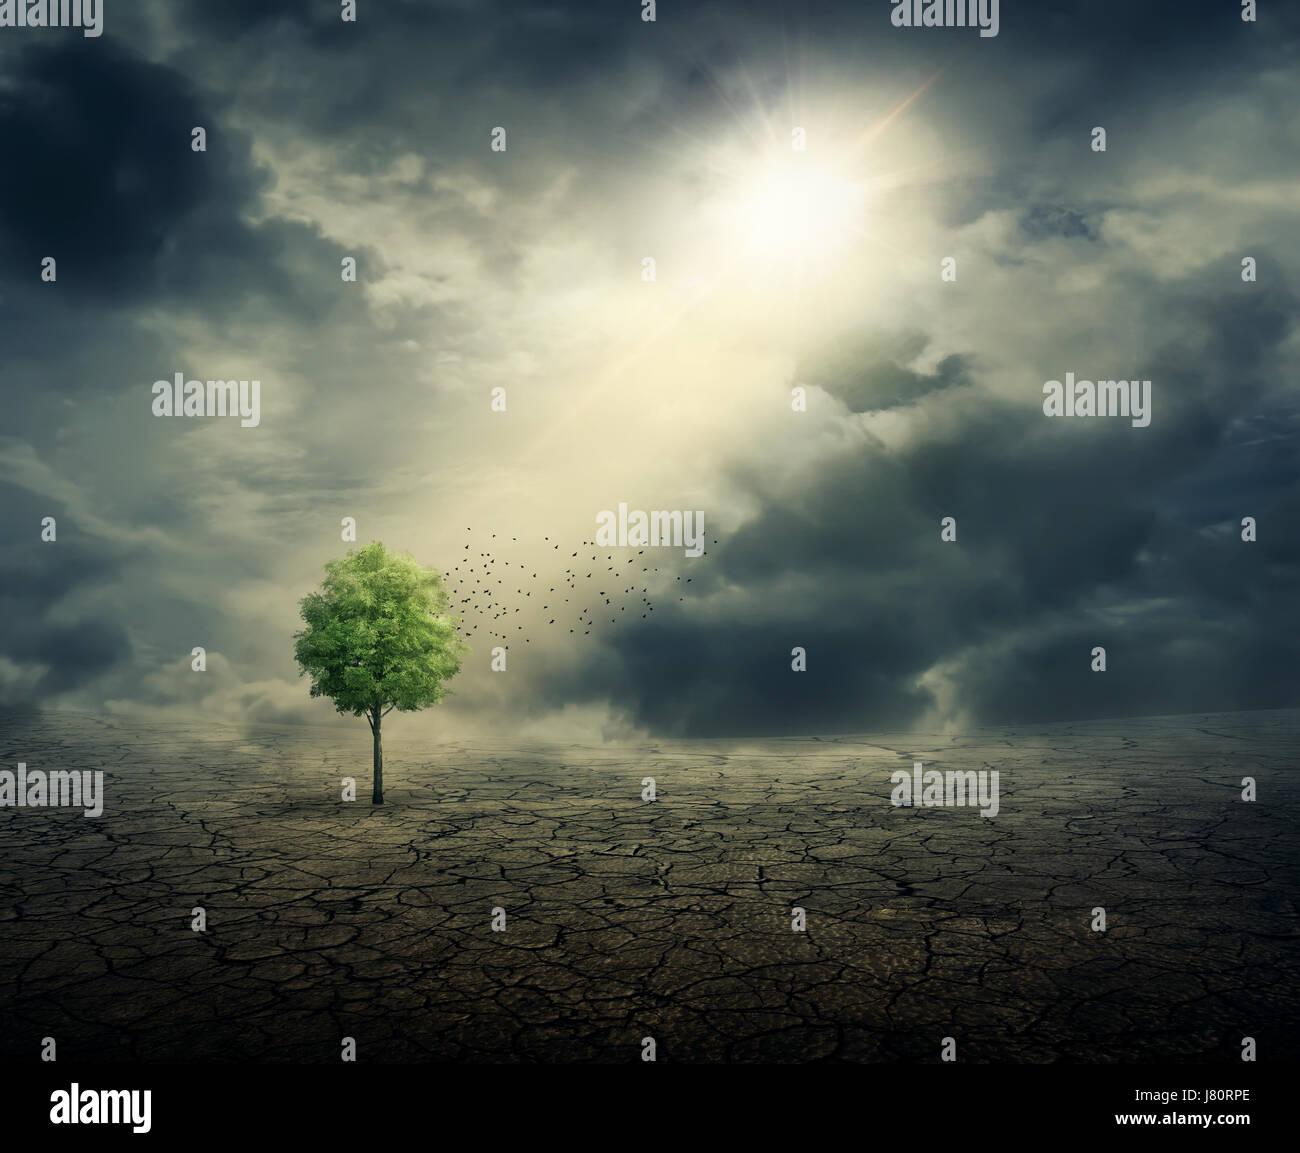 De plus en plus parmi l'arbre vert désert craquelé sol, avec les rayons du soleil sur le casting. Photo Stock